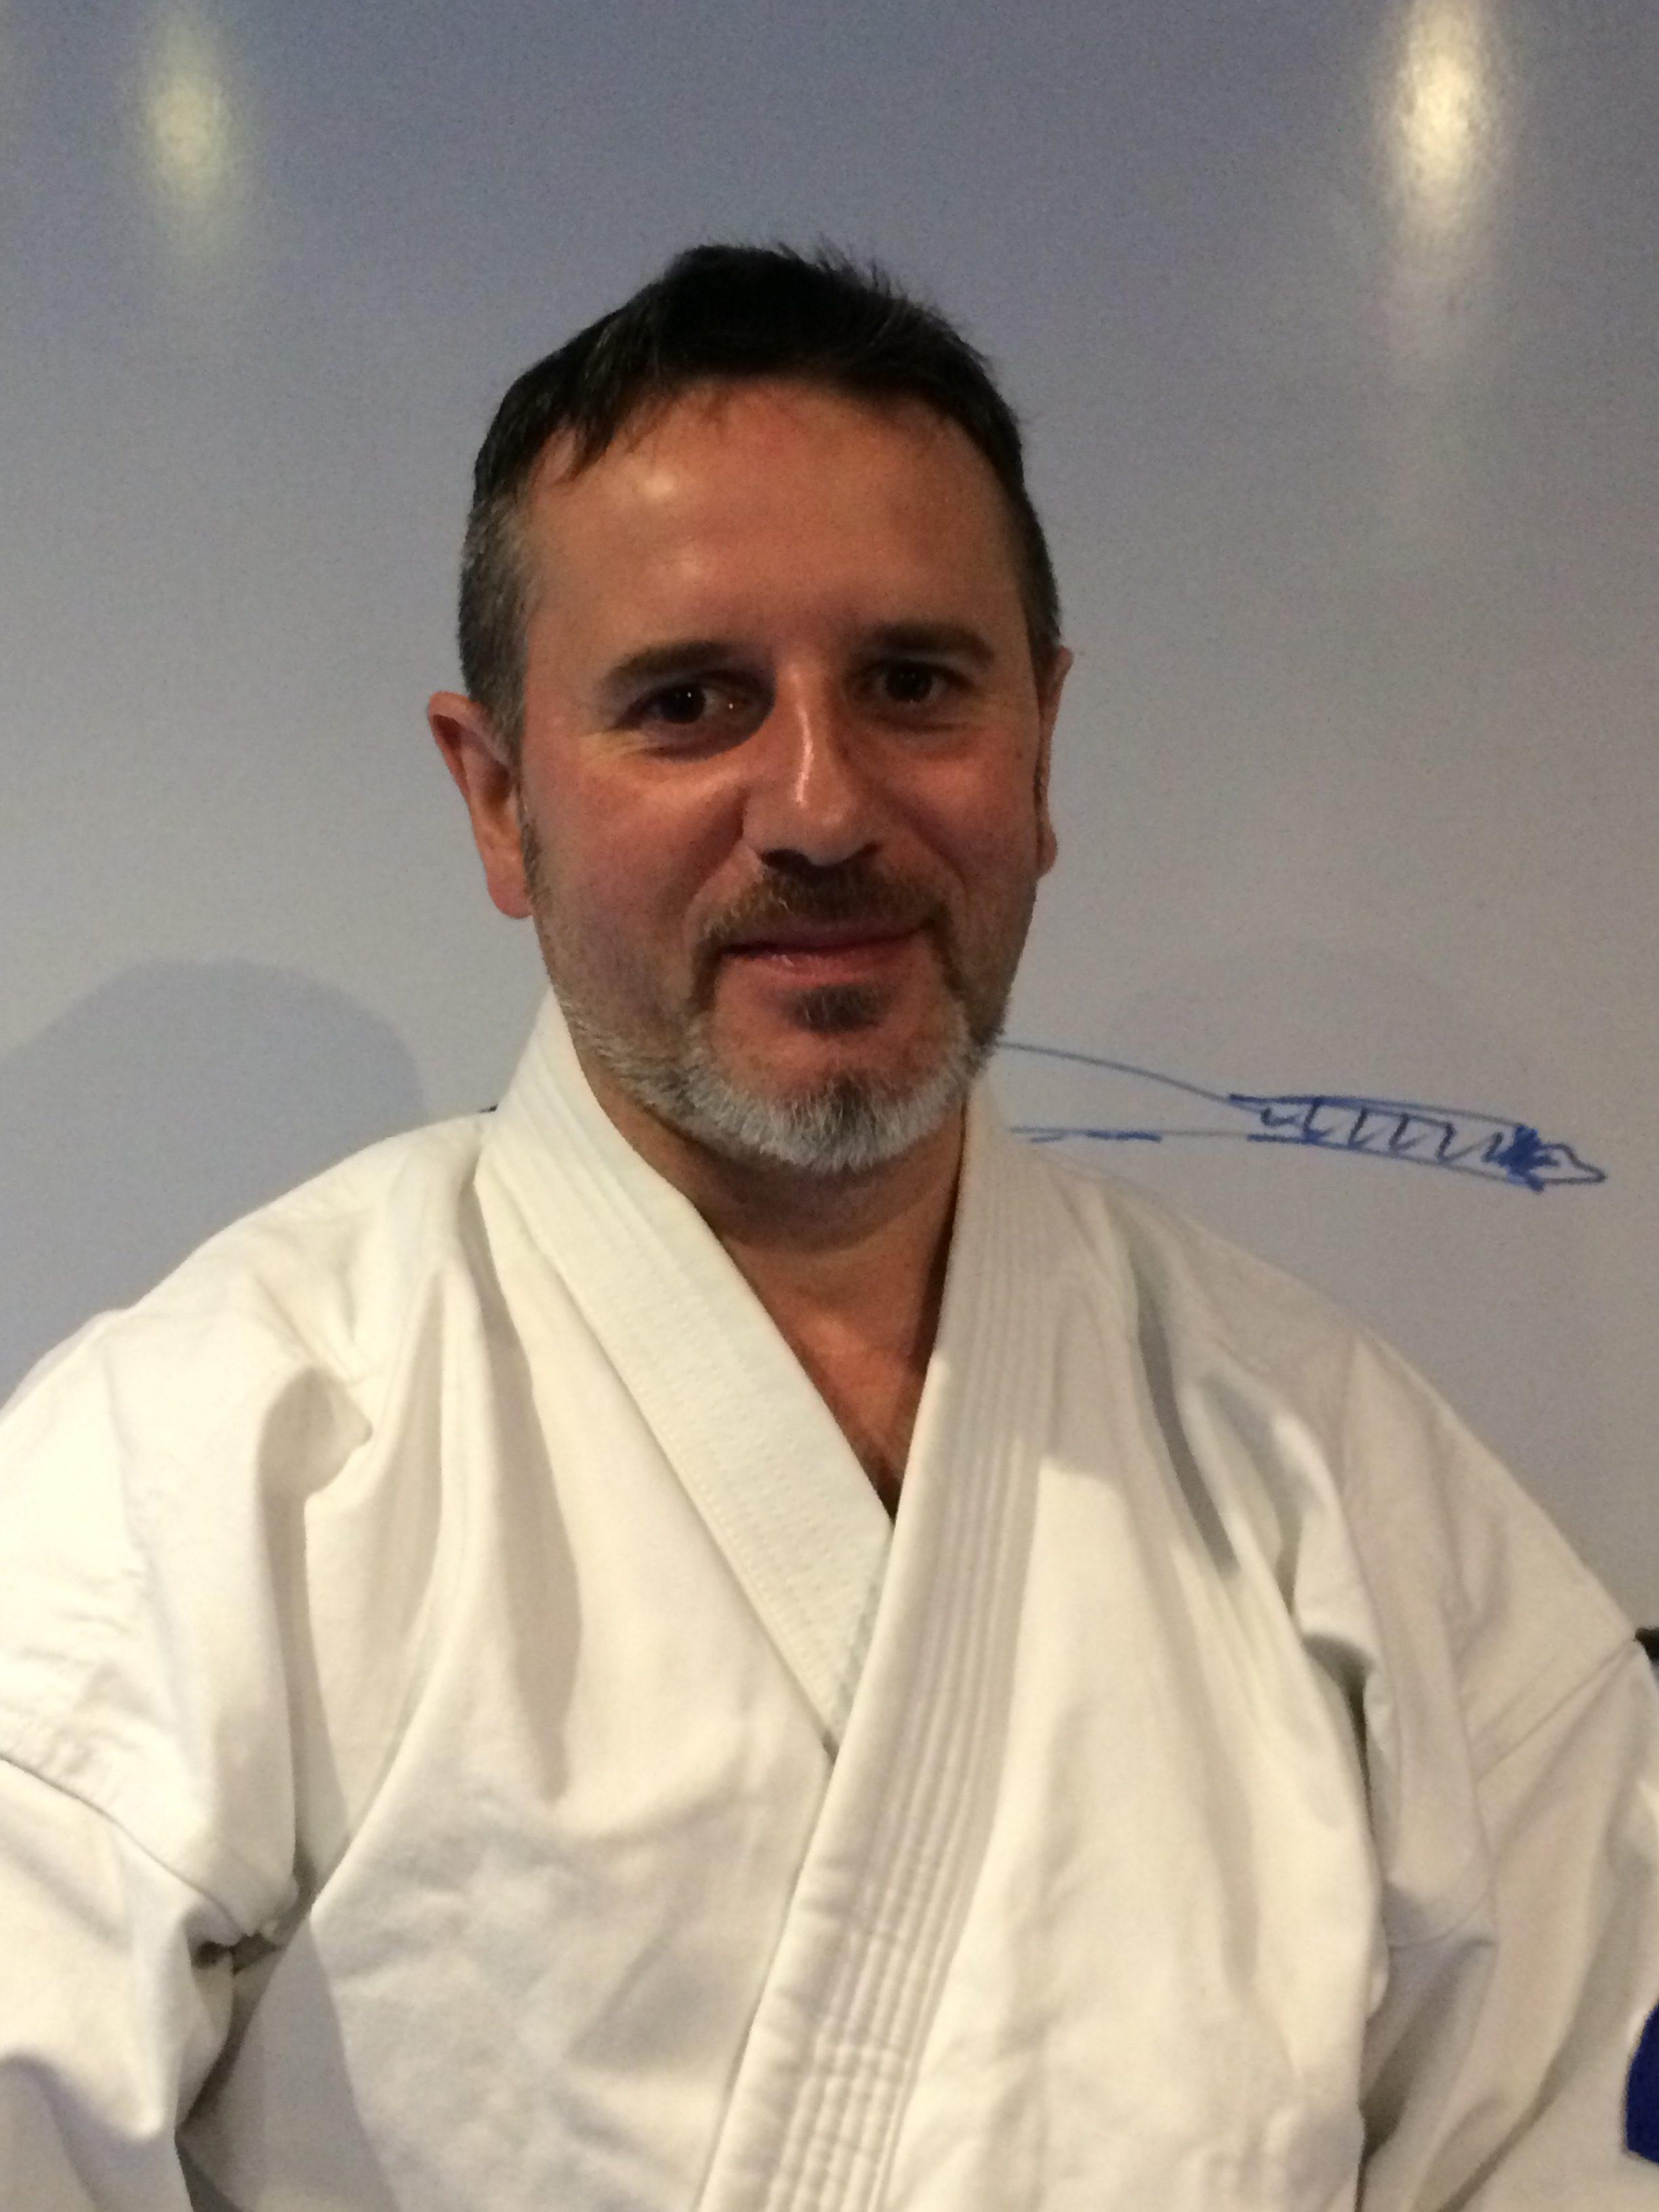 Wiktor Stachowiak